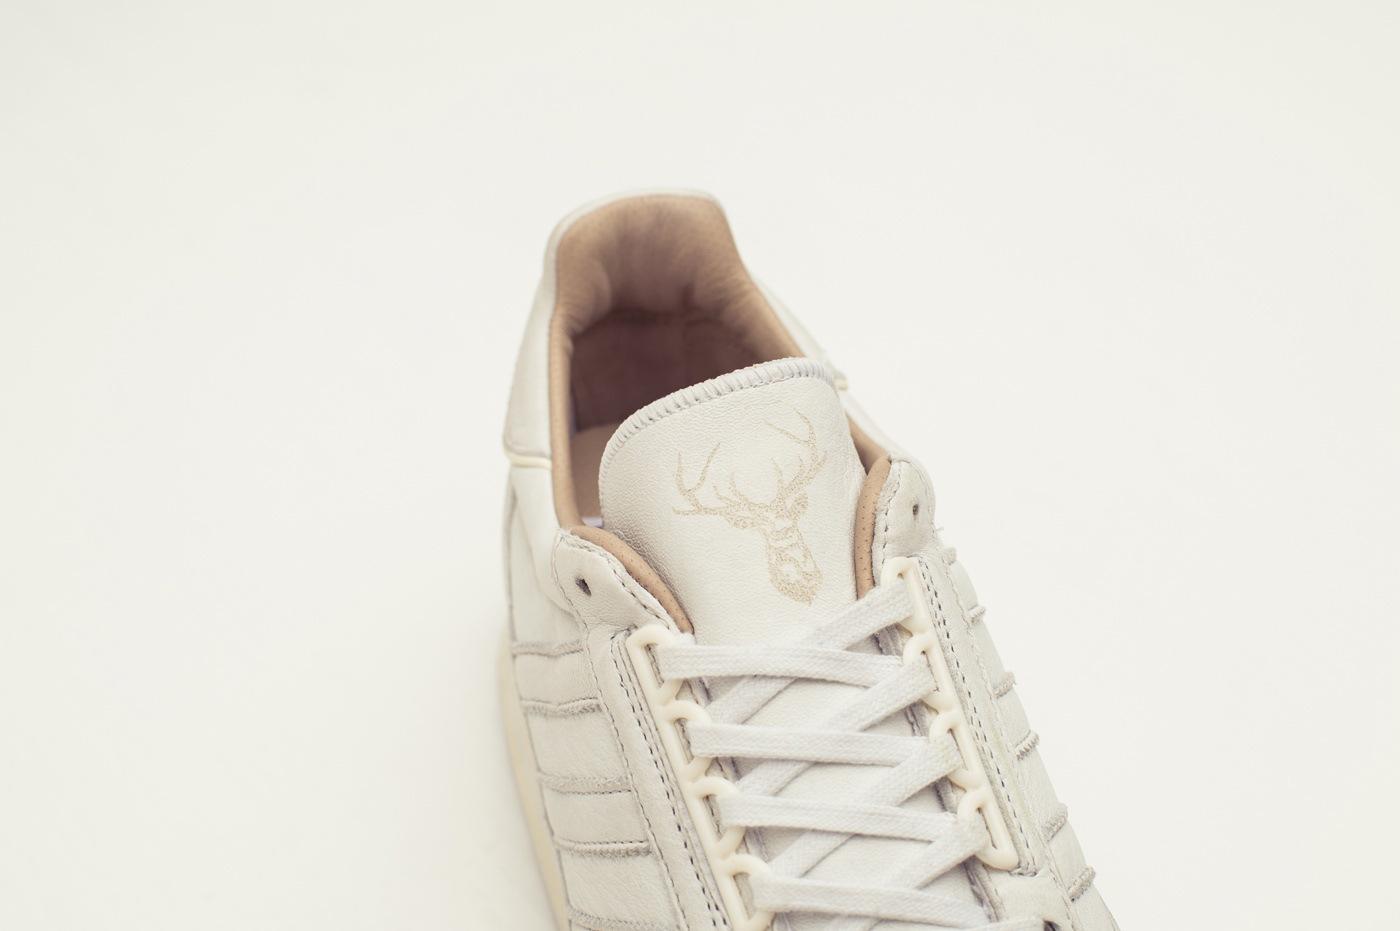 Adidas Stan Smith Germany